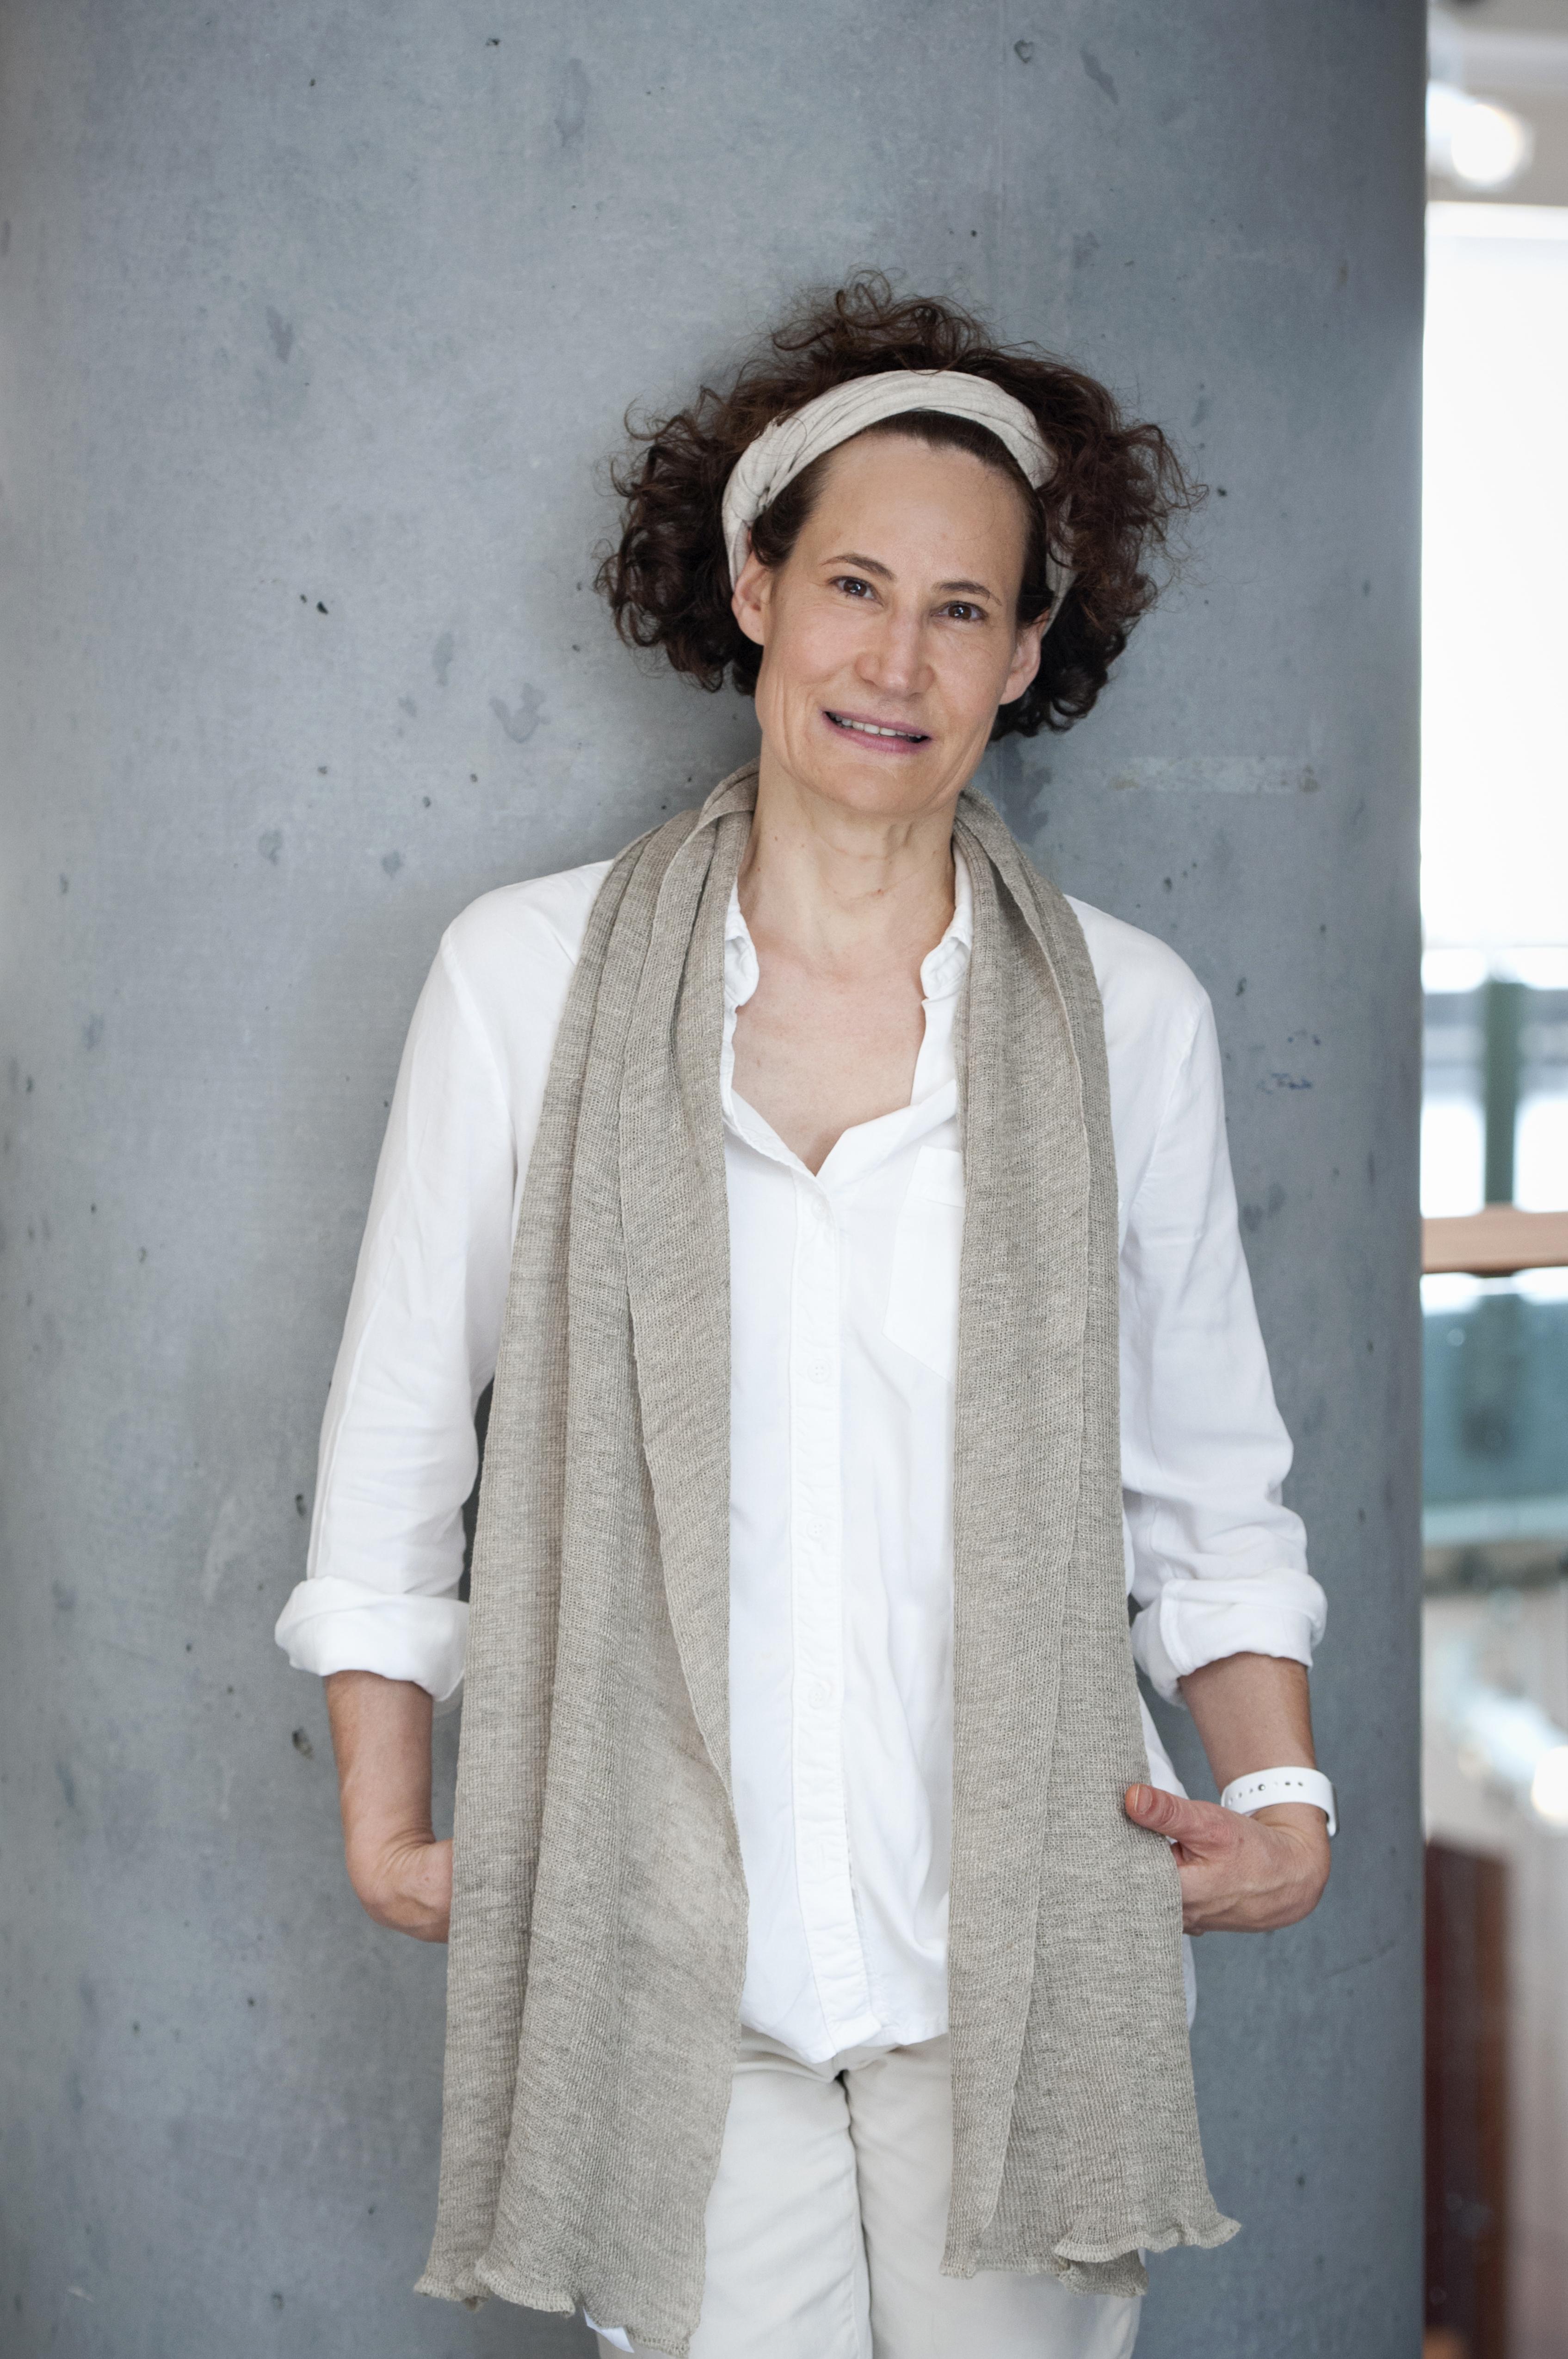 Dominique Bourque